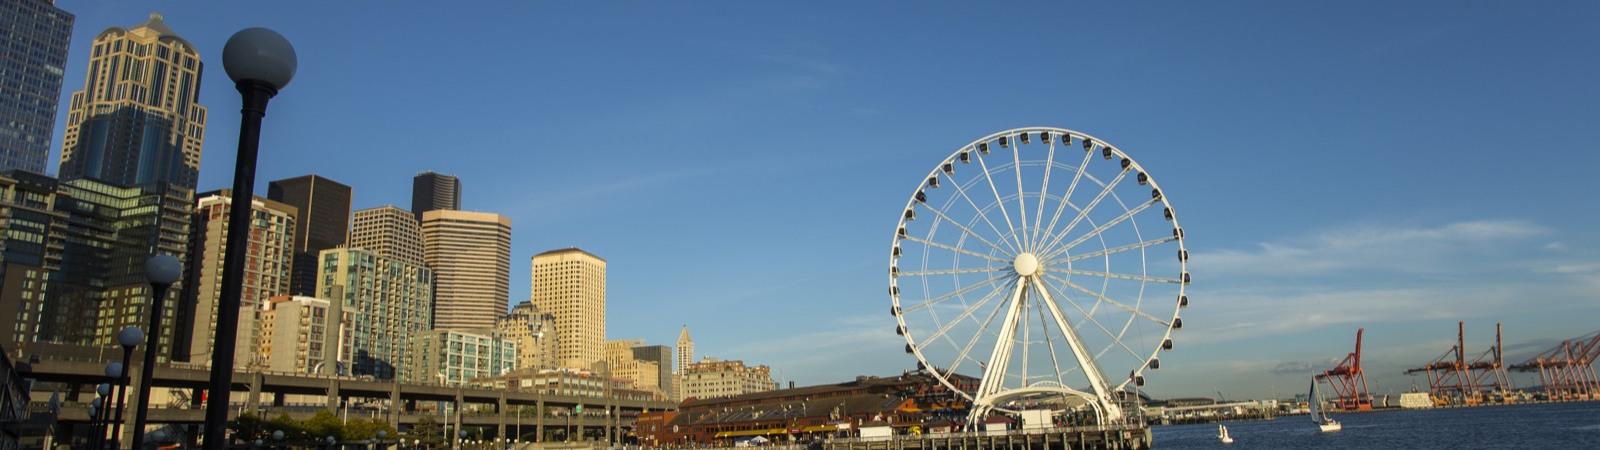 Seattle Ferris Wheel At Pier 57 Great